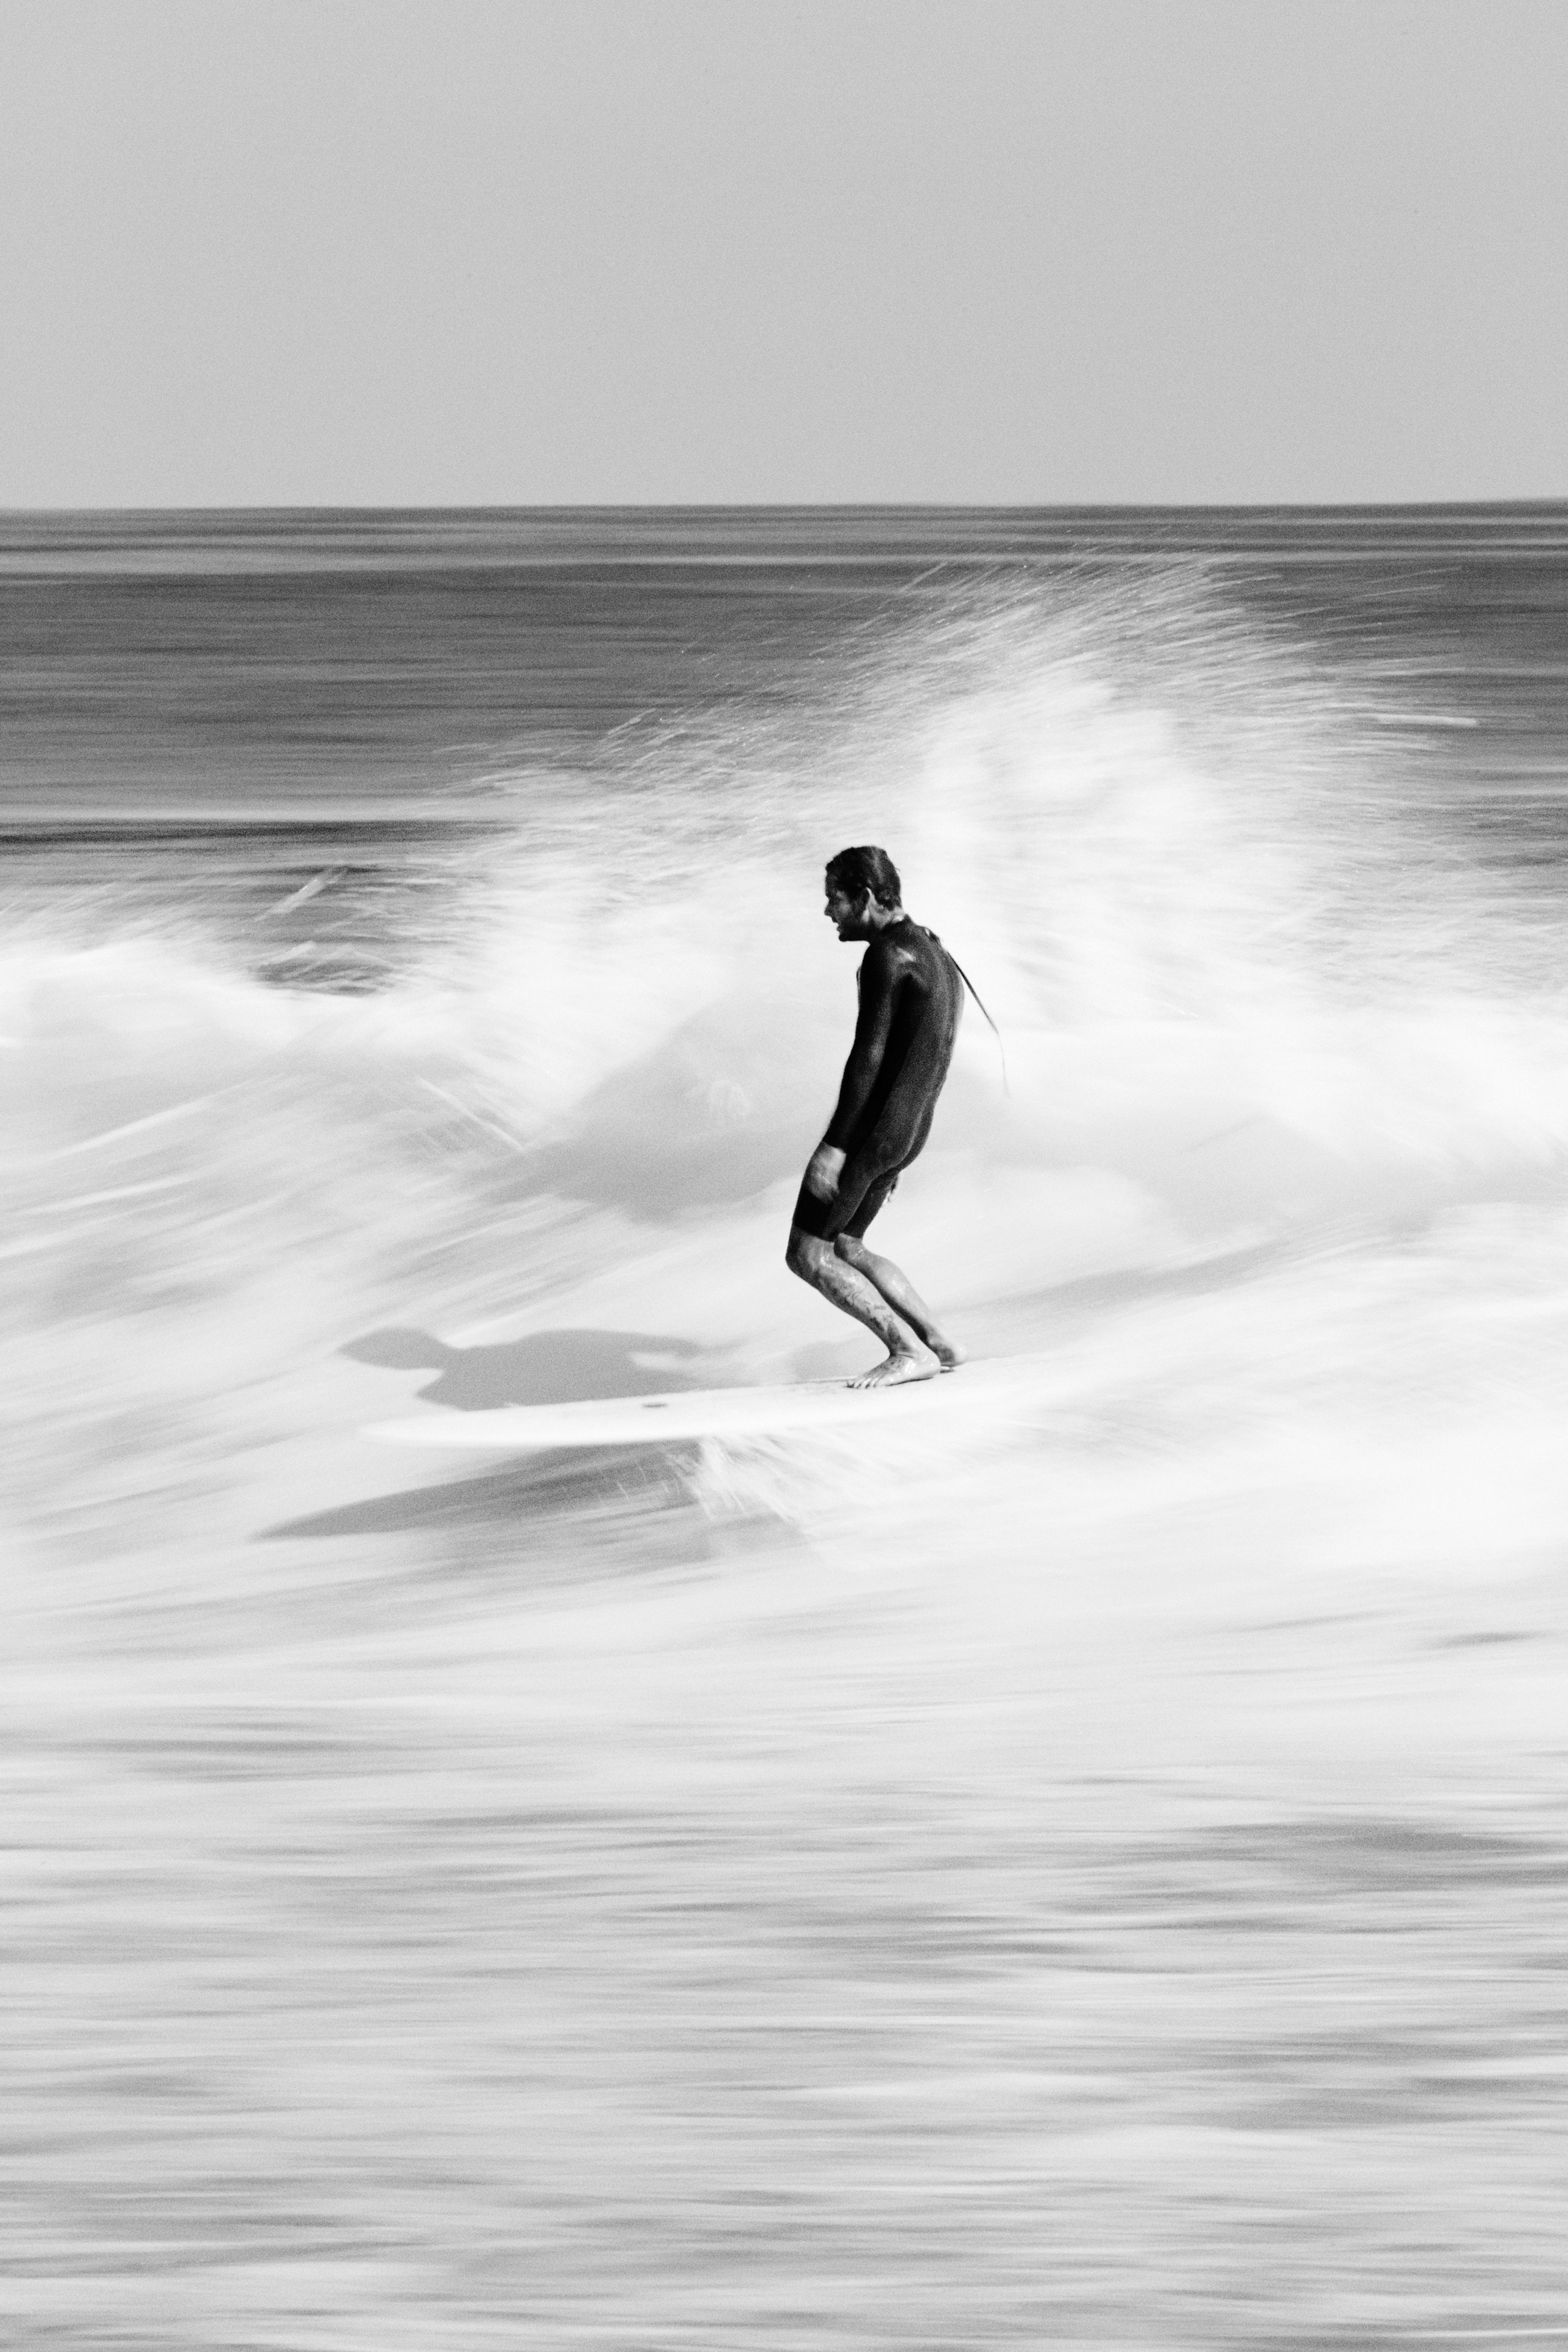 Tanner Praire - Sequit, CA.